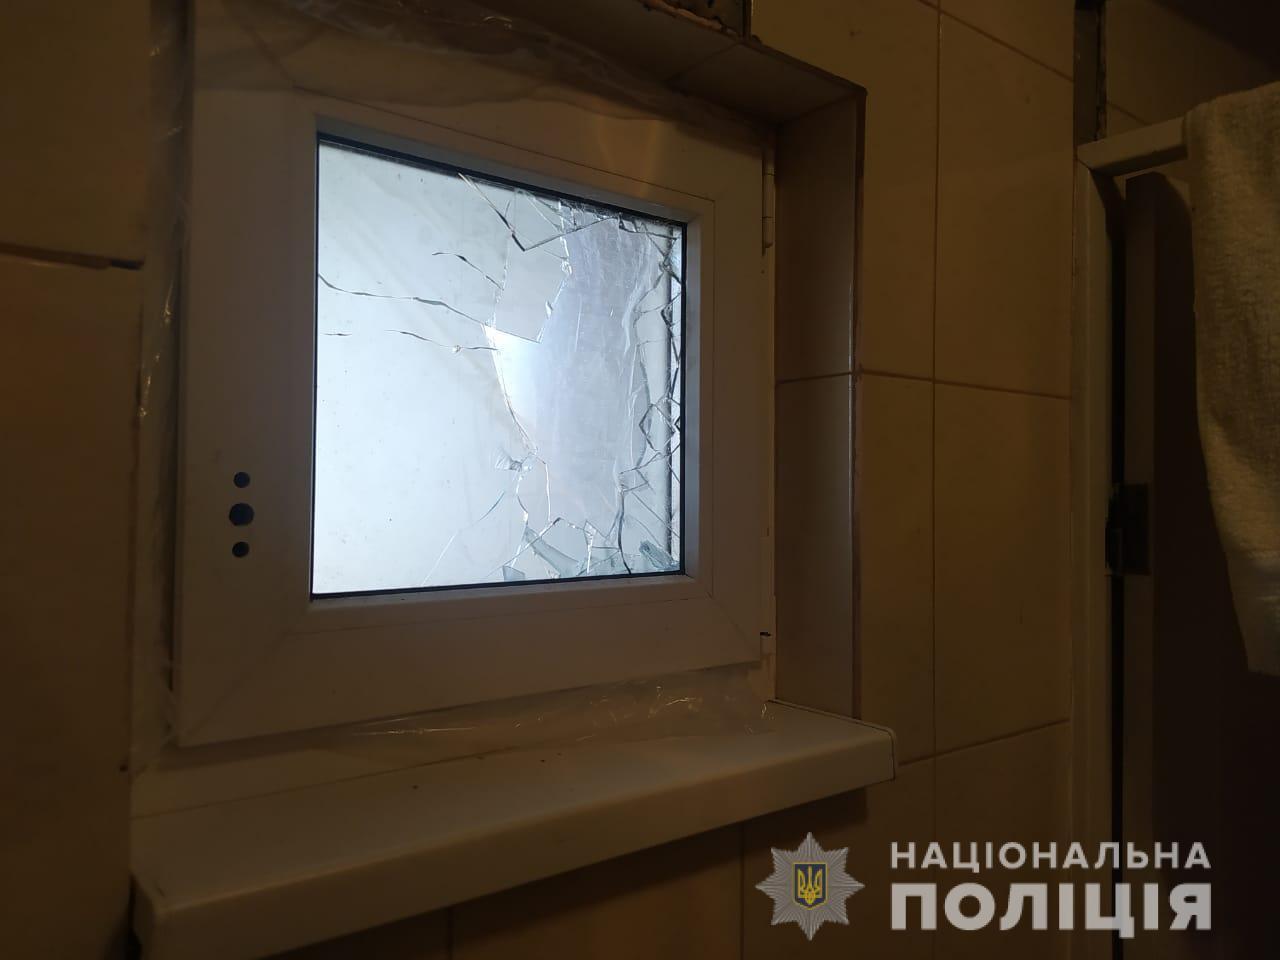 Працівники кримінальної поліції викрили трьох жителів села Пийтерфолво в причетності до скоєння крадіжок приватного майна.